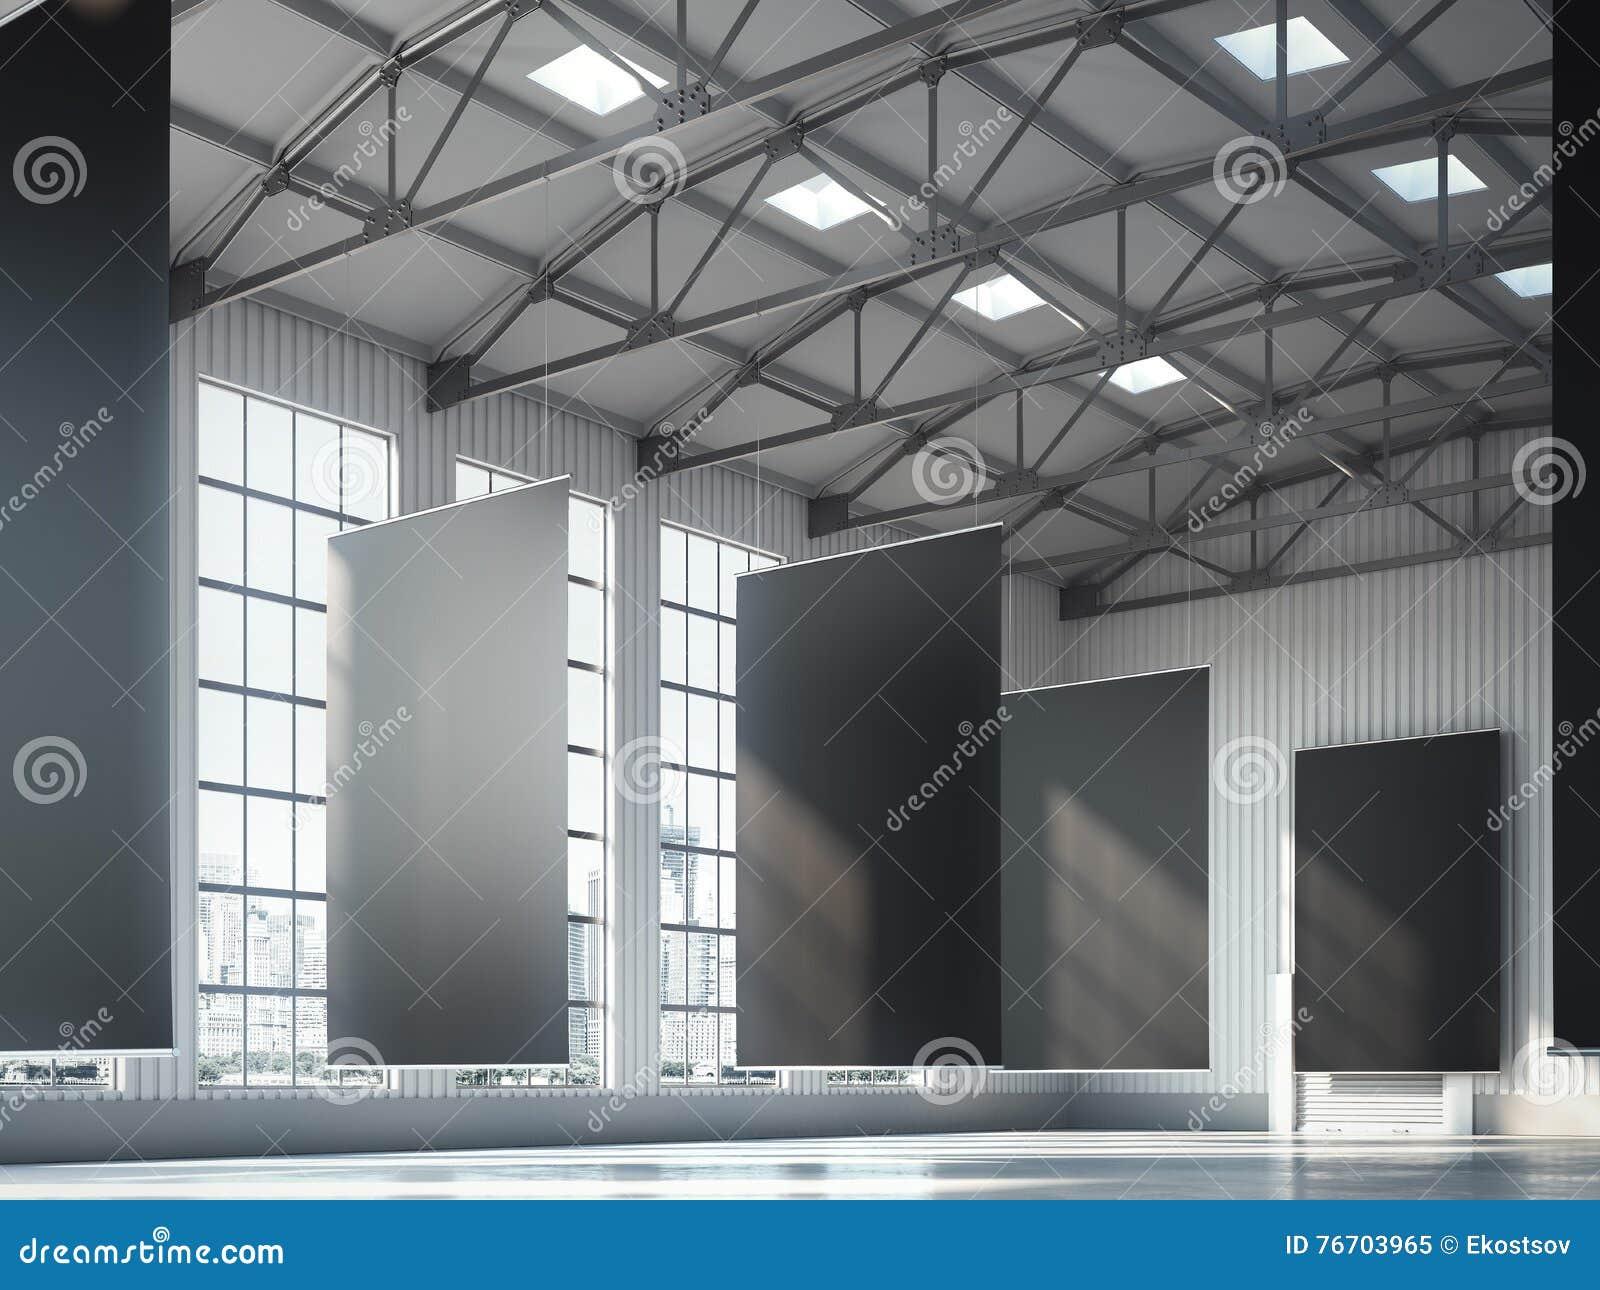 Blank black banners in hangar area. 3d rendering